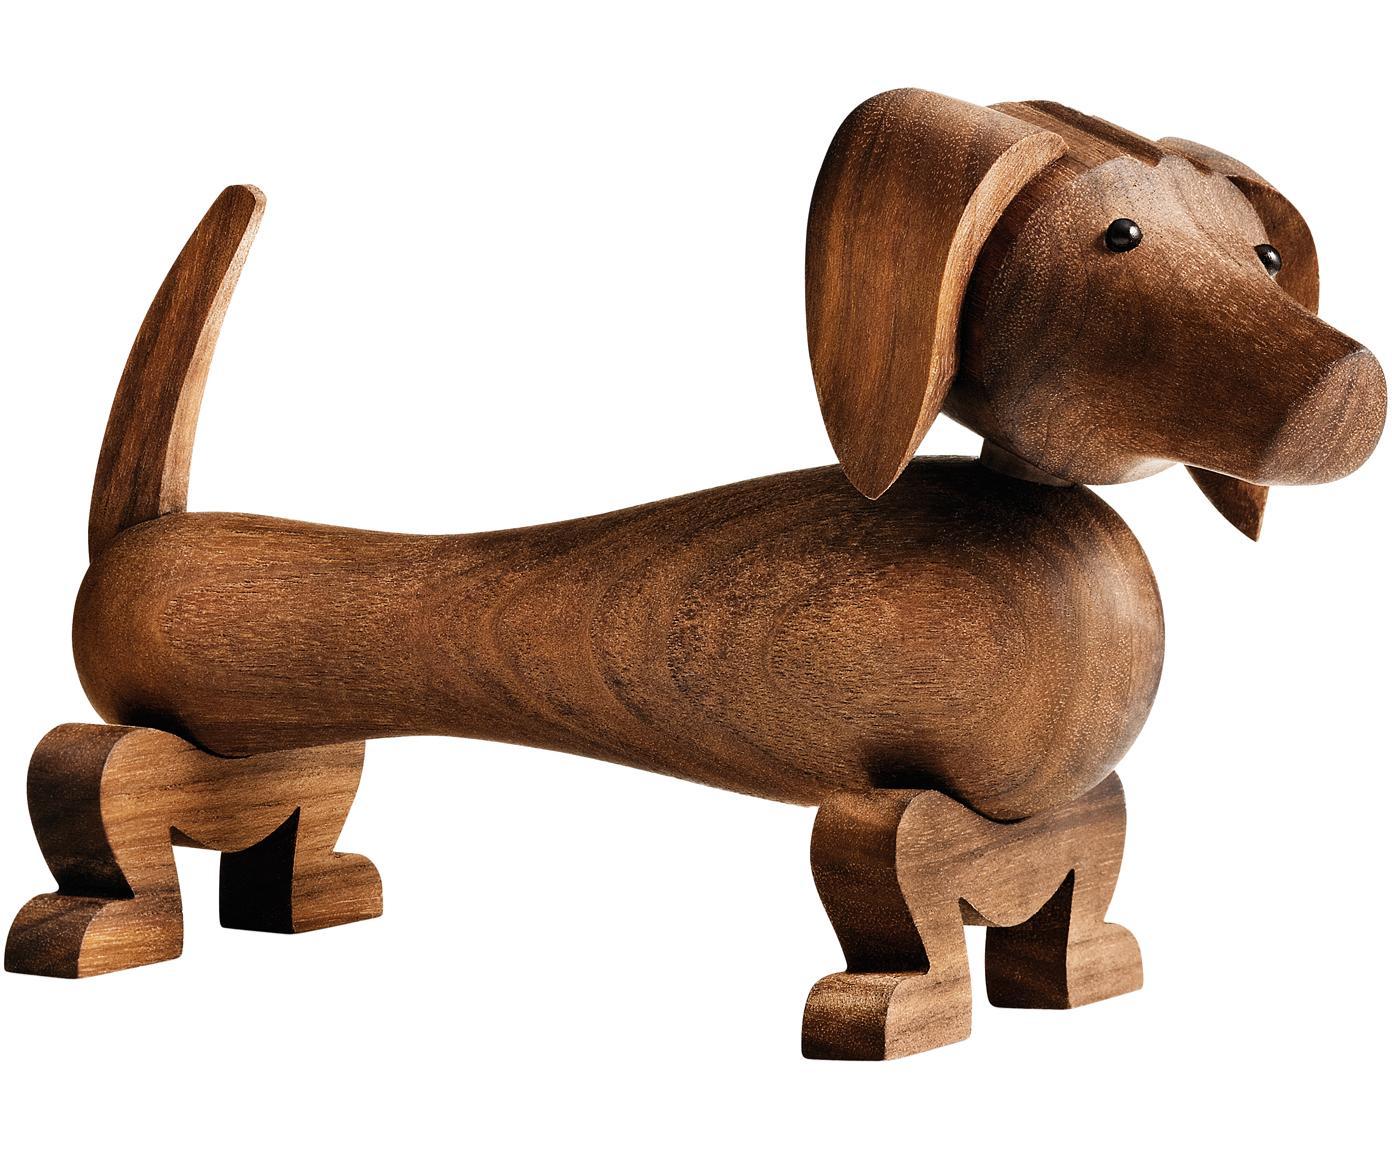 Oggetto decorativo Dog, Legno di noce verniciato, Legno di noce, Larg. 18 x Alt. 11 cm